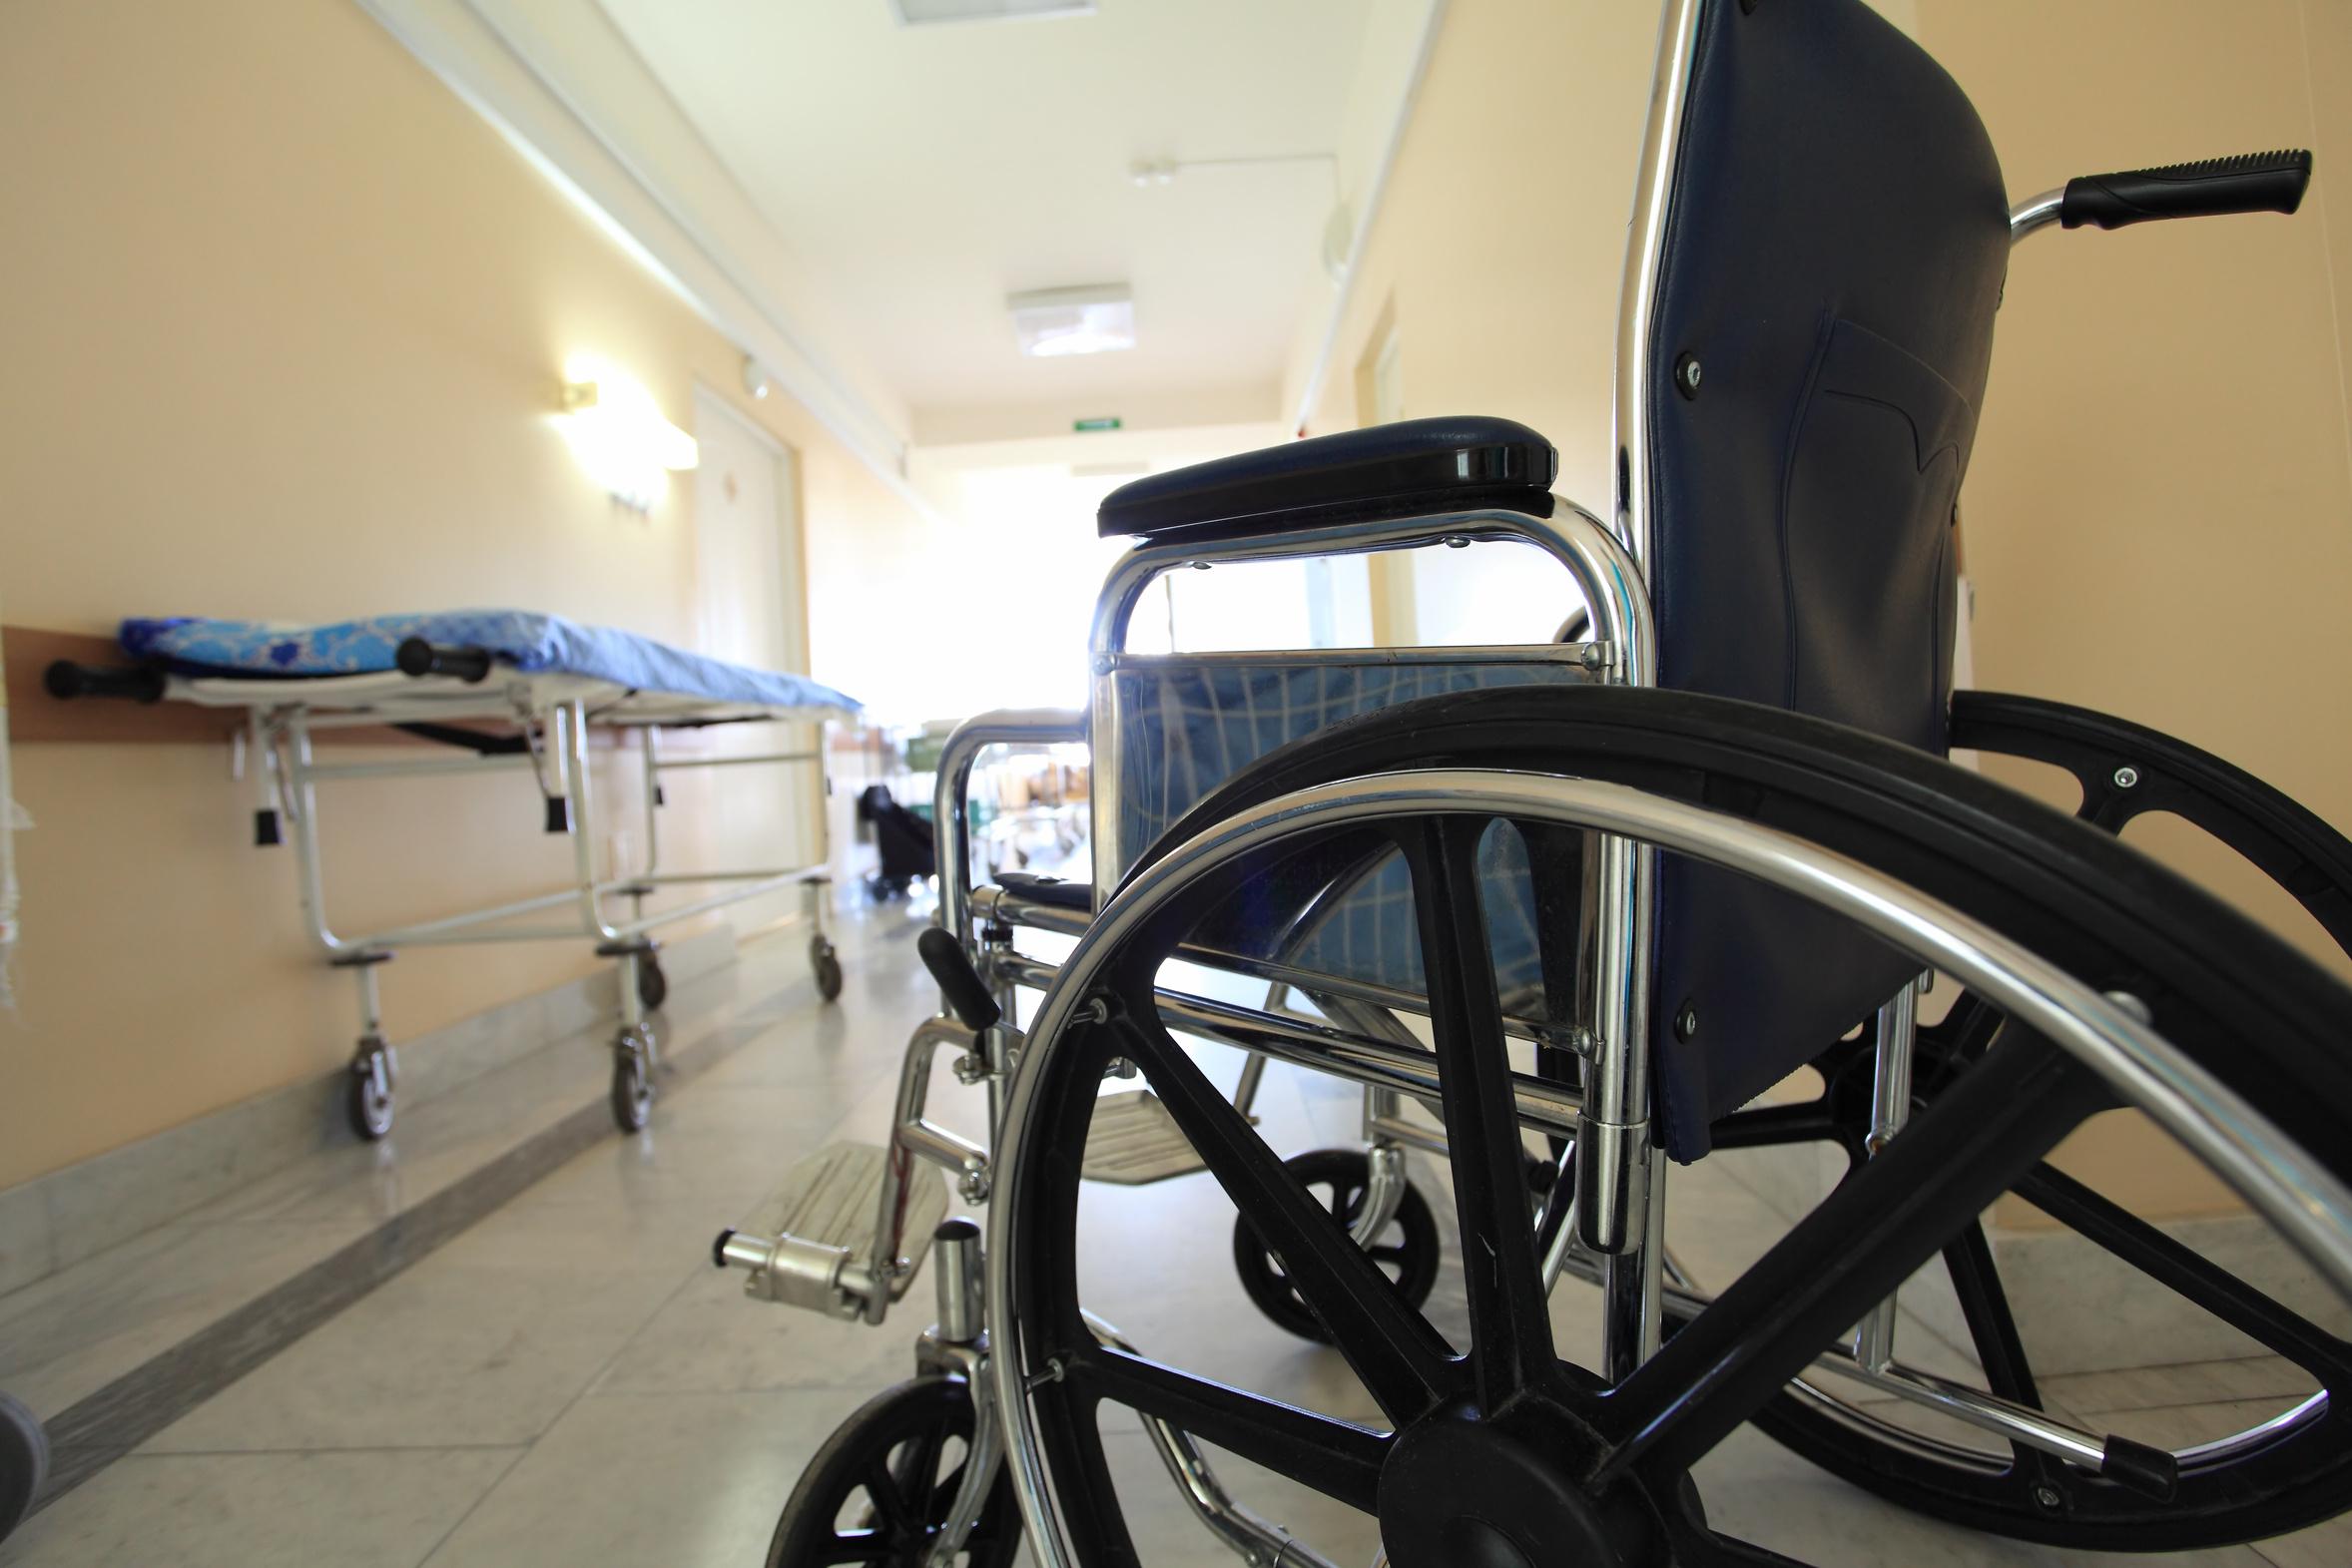 Производители средств реабилитации могут получить субсидию от государства в размере 50 млн рублей